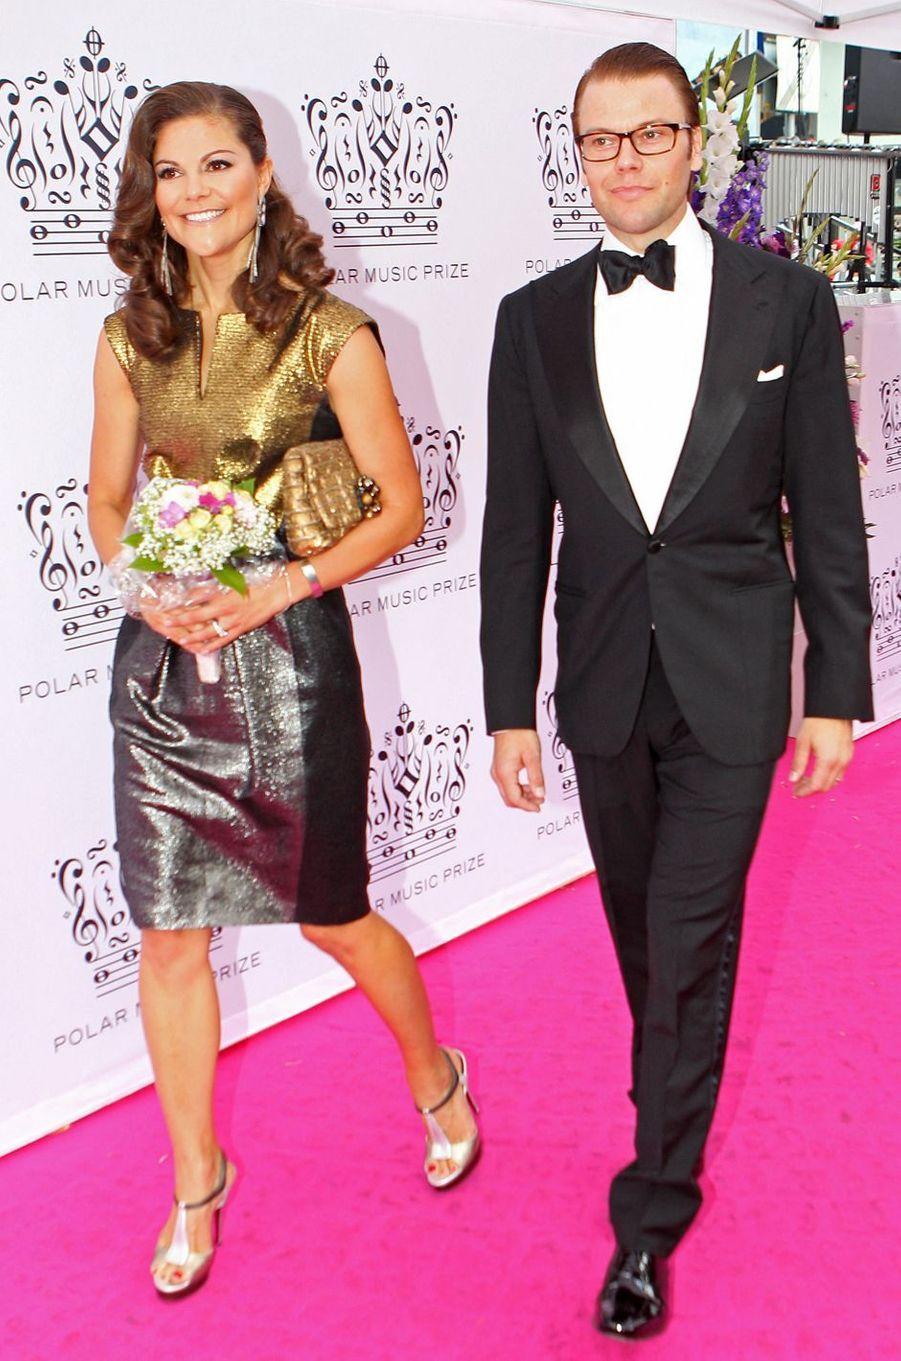 La princesse Victoria de Suède dans une robe Escada au Polar Music Prize, le 31 août 2010